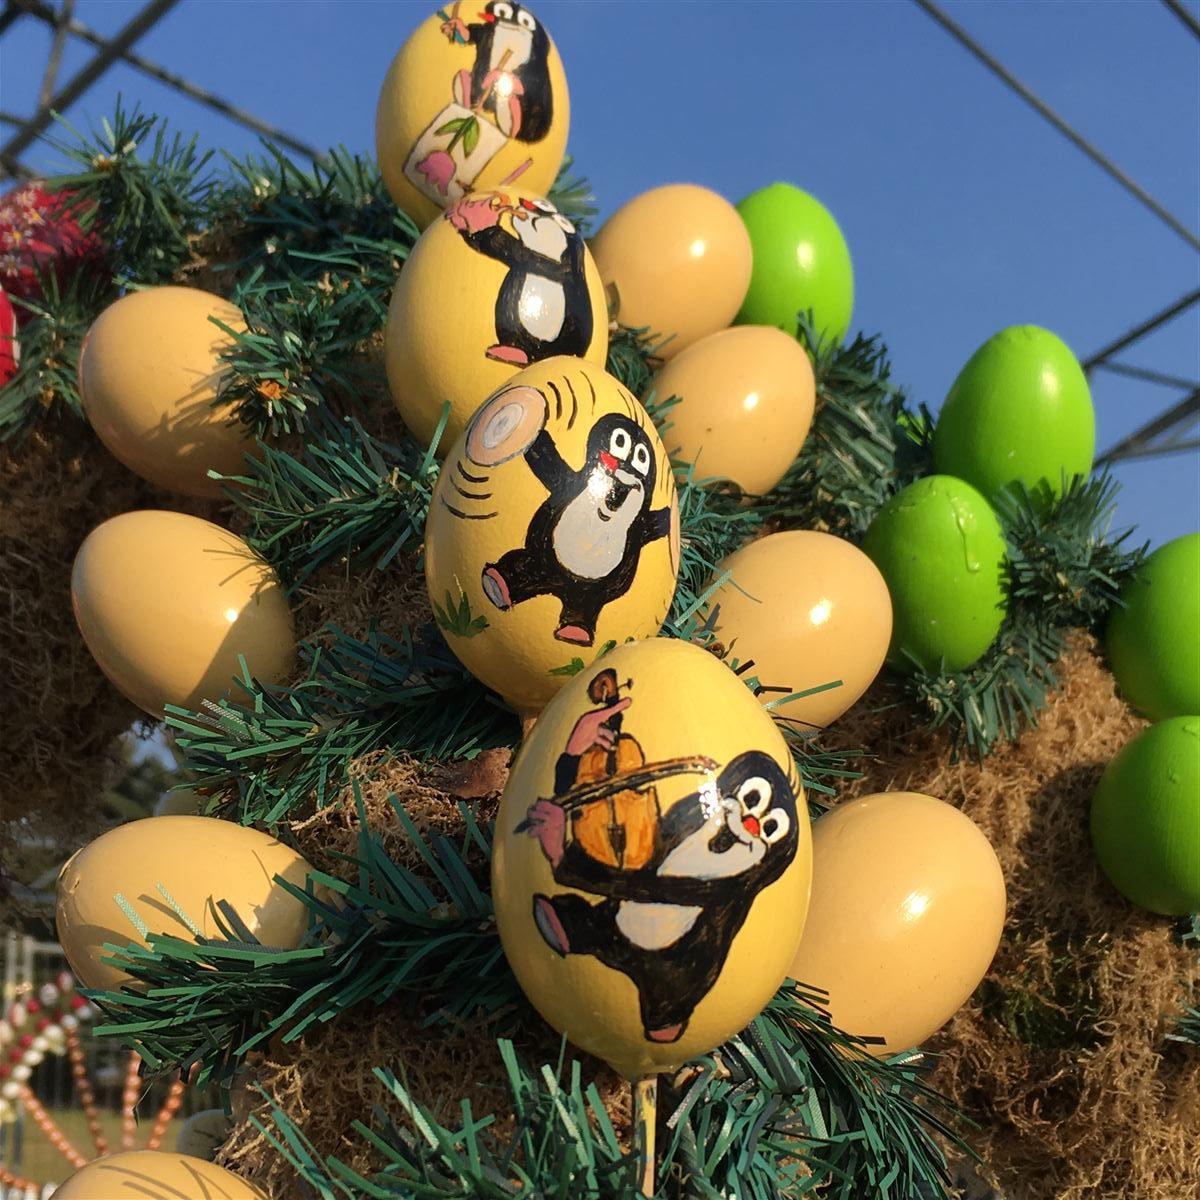 Osterpfad Vogtland - Zahlreiche unterschiedliche Ostereier begeistern die Besucher